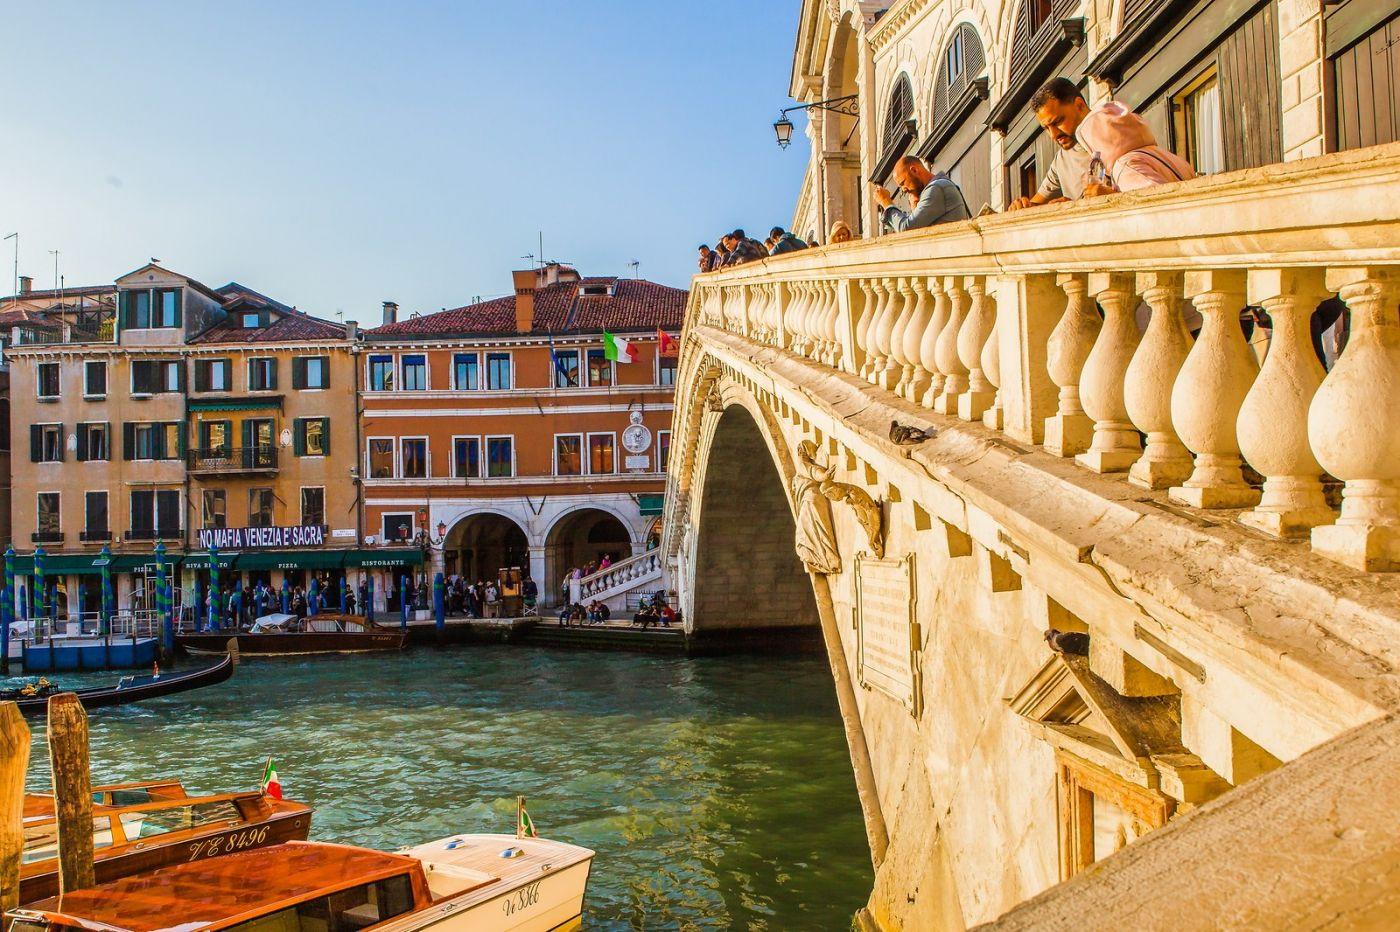 意大利威尼斯,桥的艺术_图1-2